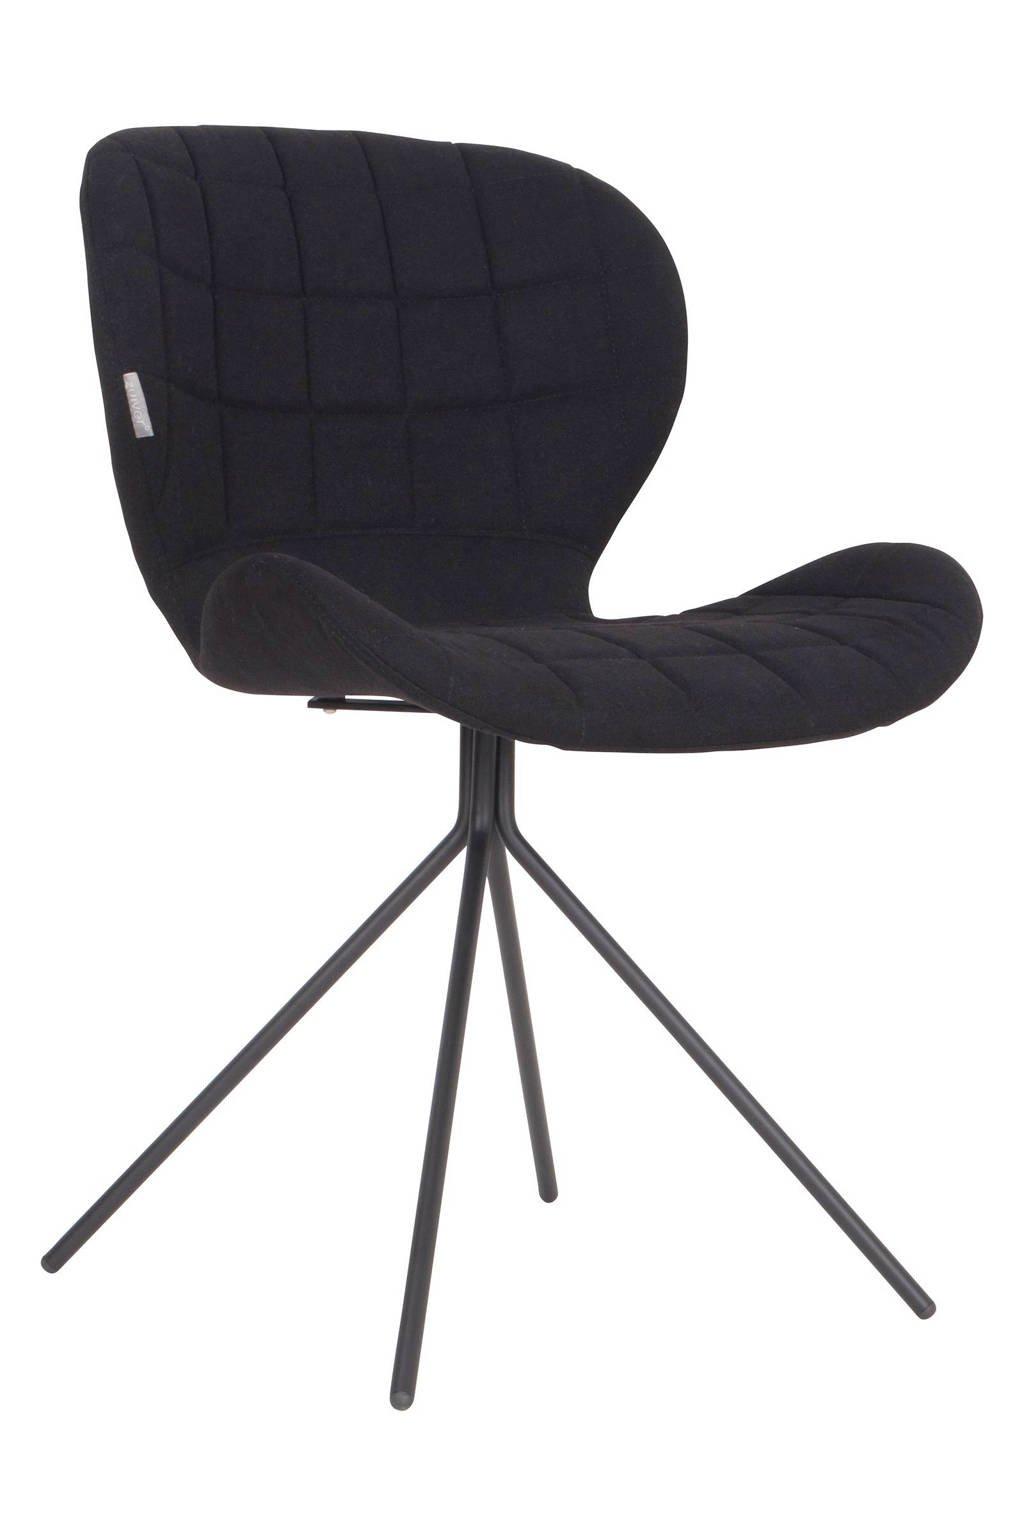 Zuiver OMG eetkamerstoel (set van 2), Zwart, polyester/multiplex/staal